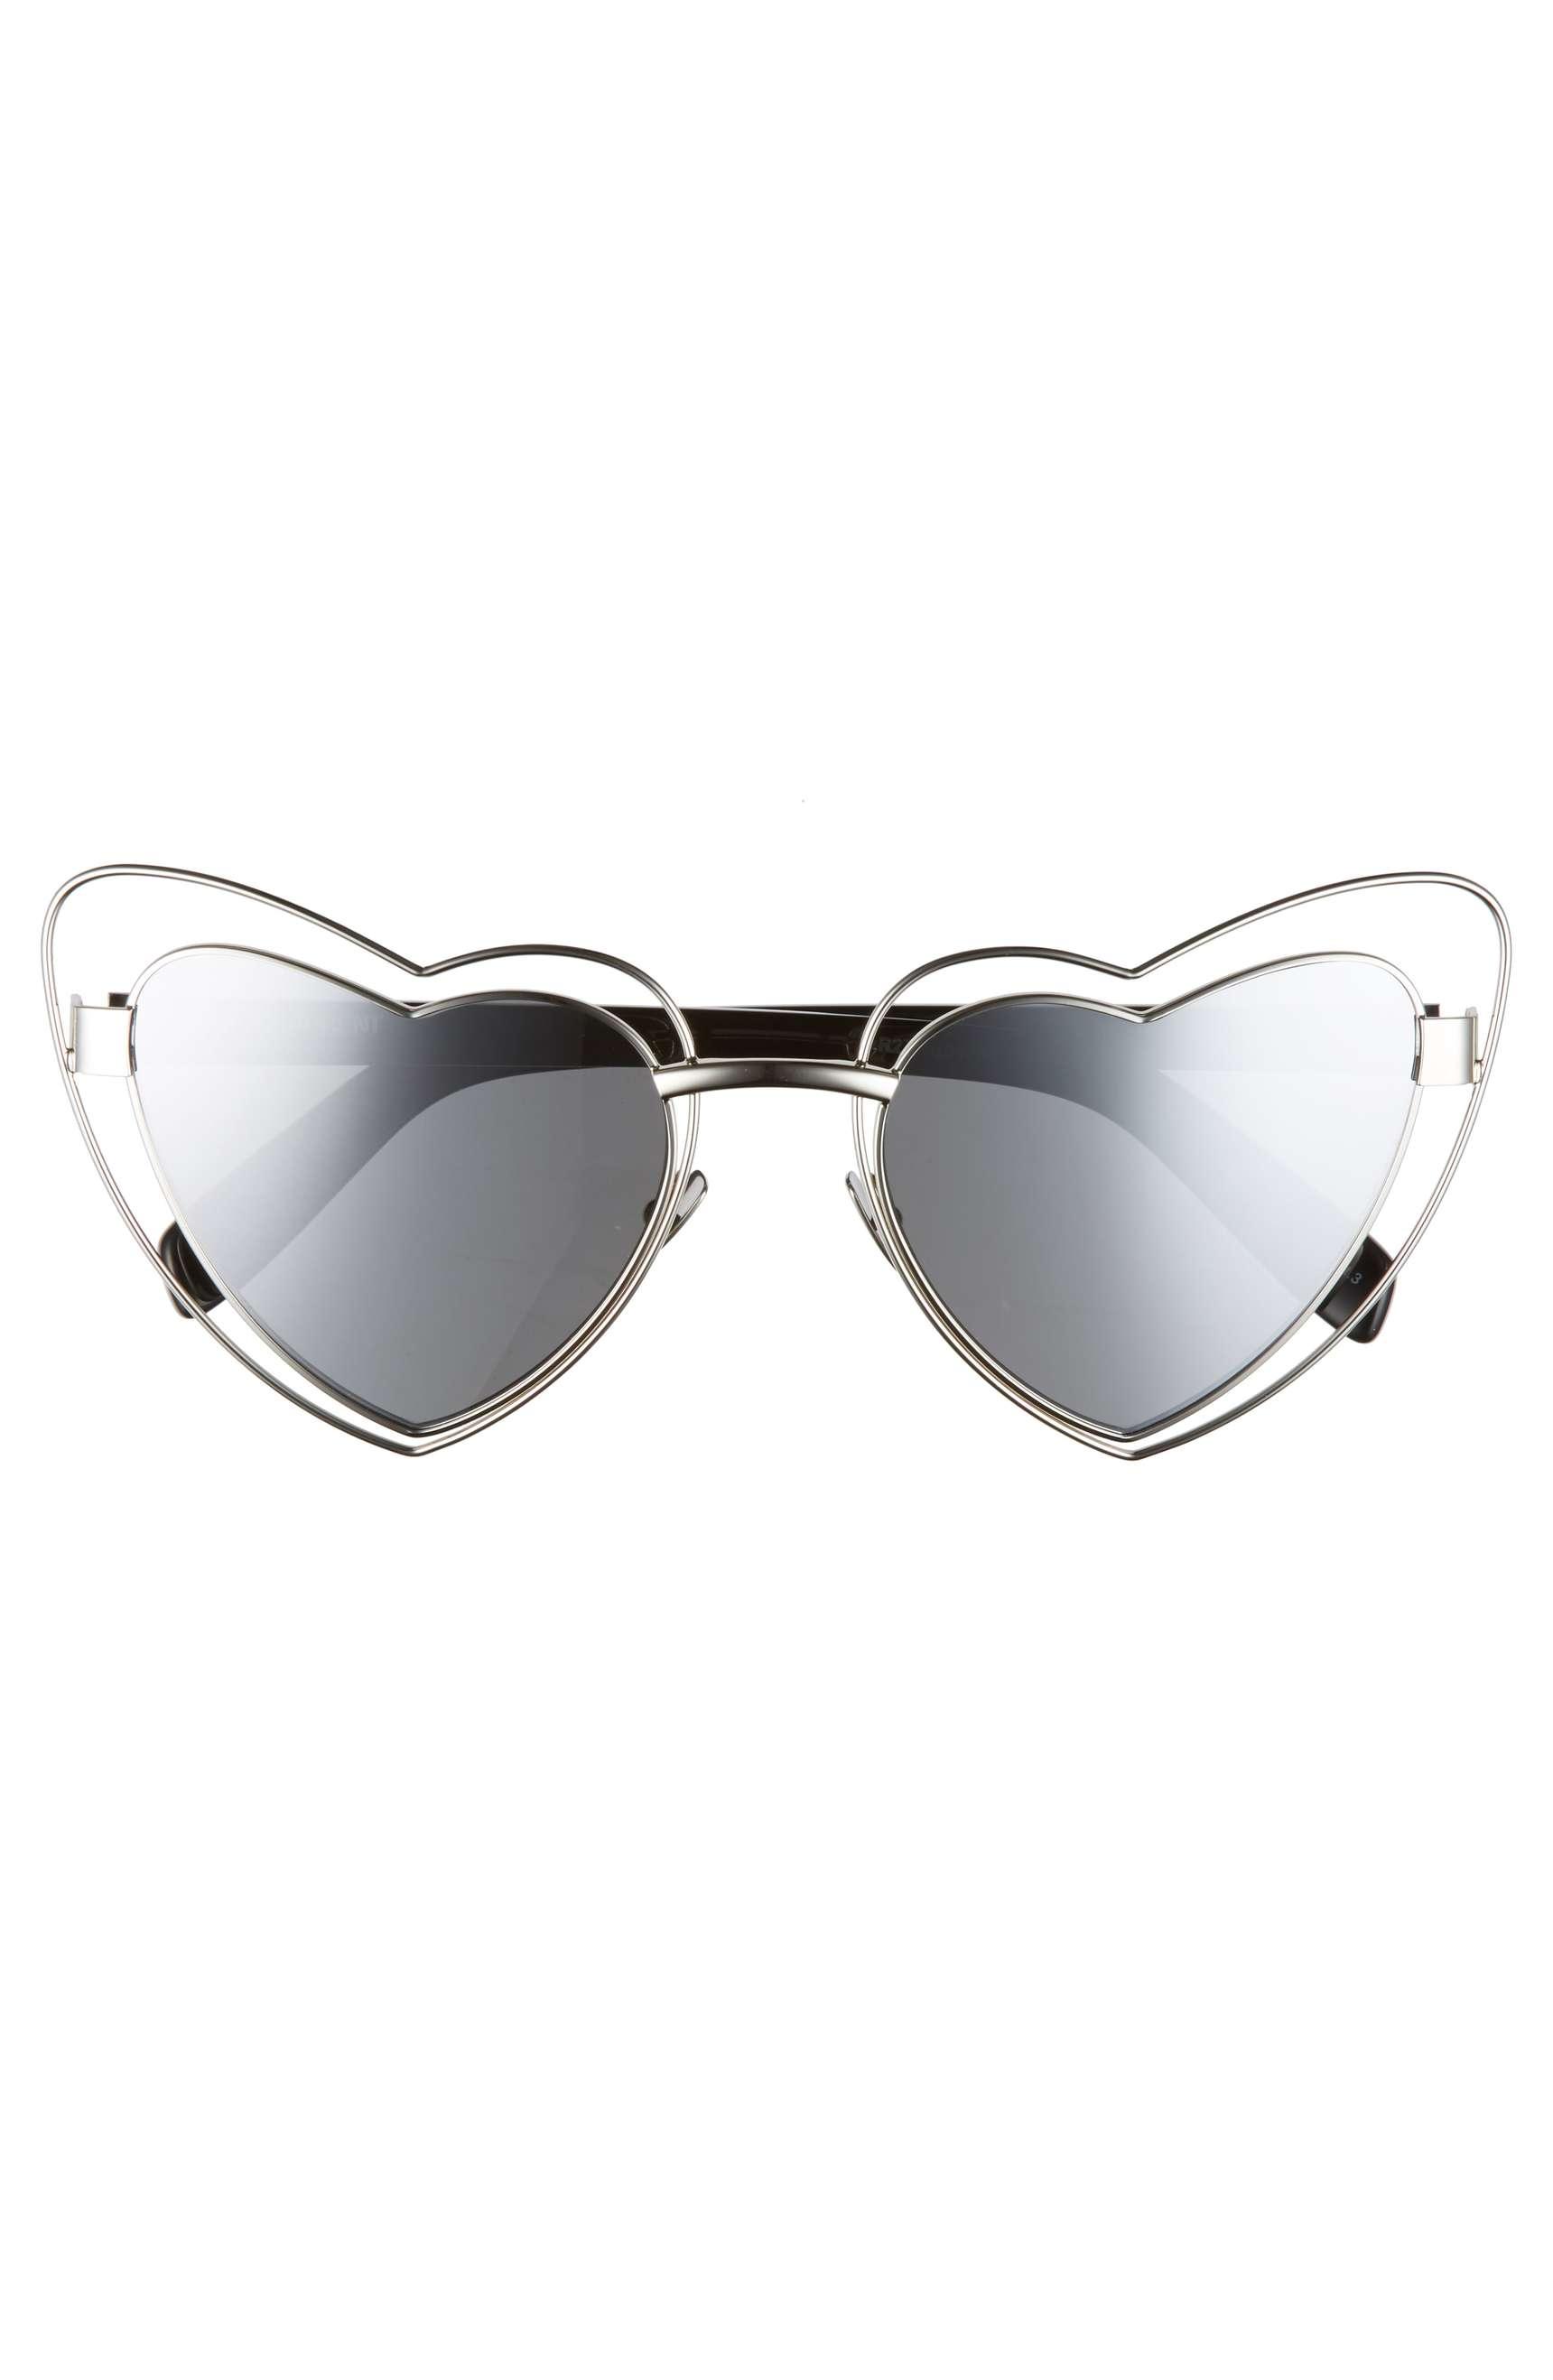 Saint Laurent Metal LouLou Glasses, $490